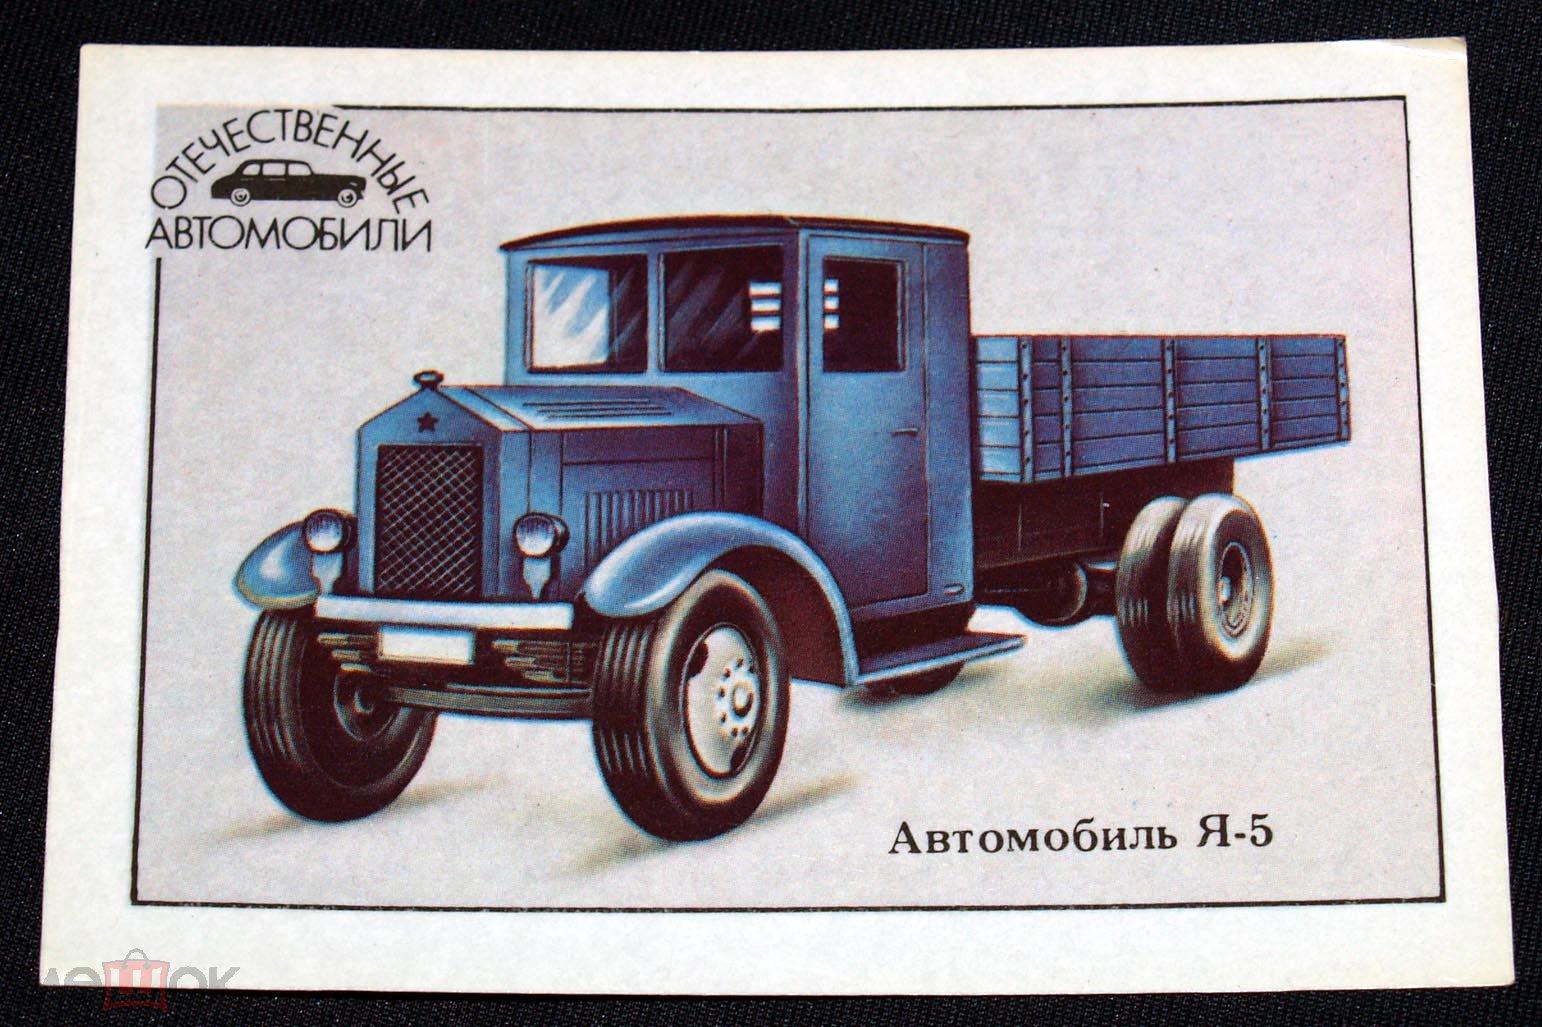 1989 Календарик СССР -=АВТО=- грузовик Я-5 машина автомобиль транспорт техника машиностроение